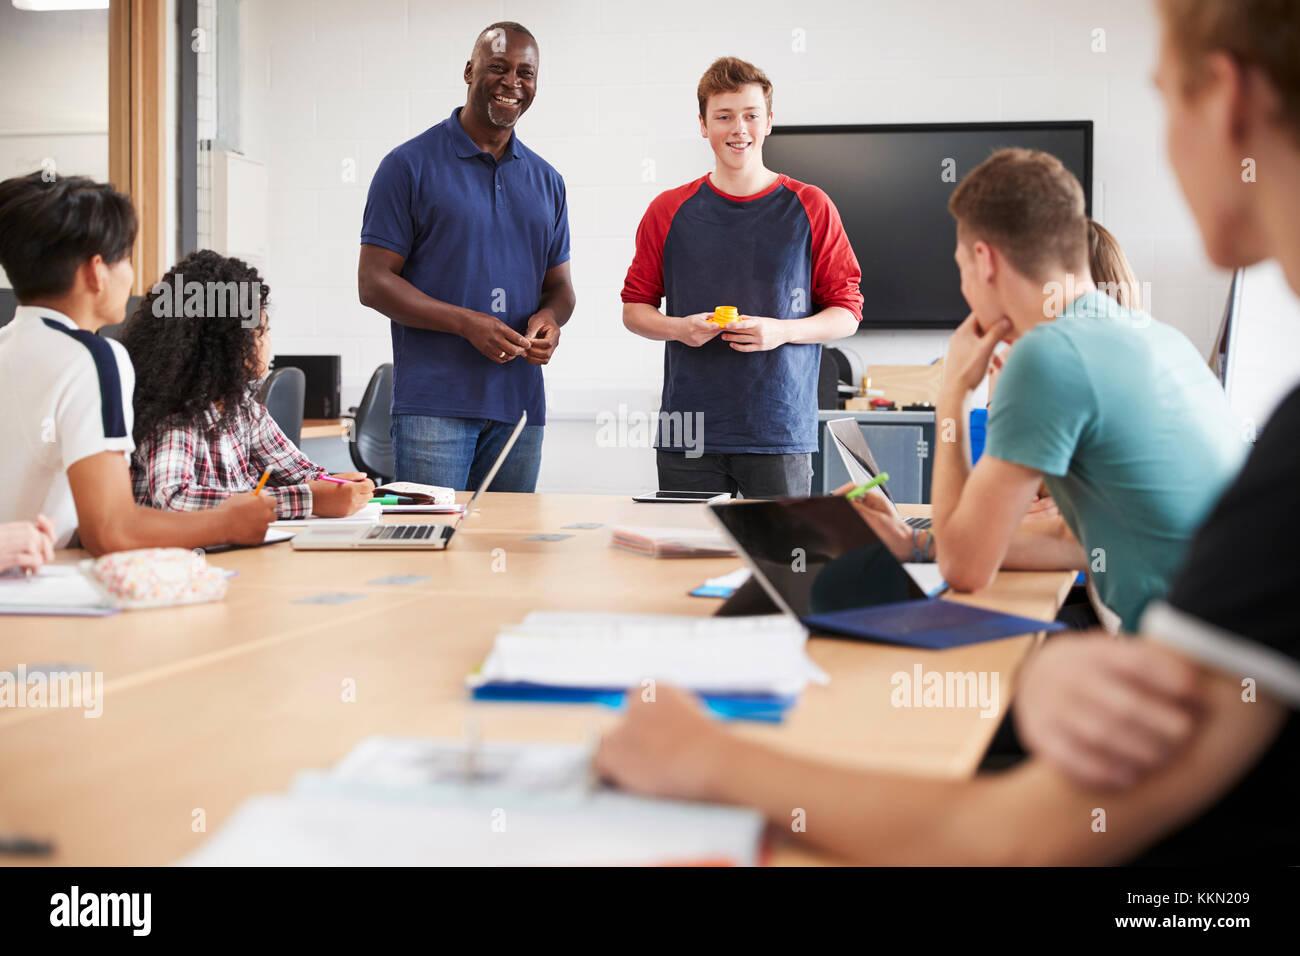 College student décisions présentation en cad/classe d'impression 3D Photo Stock